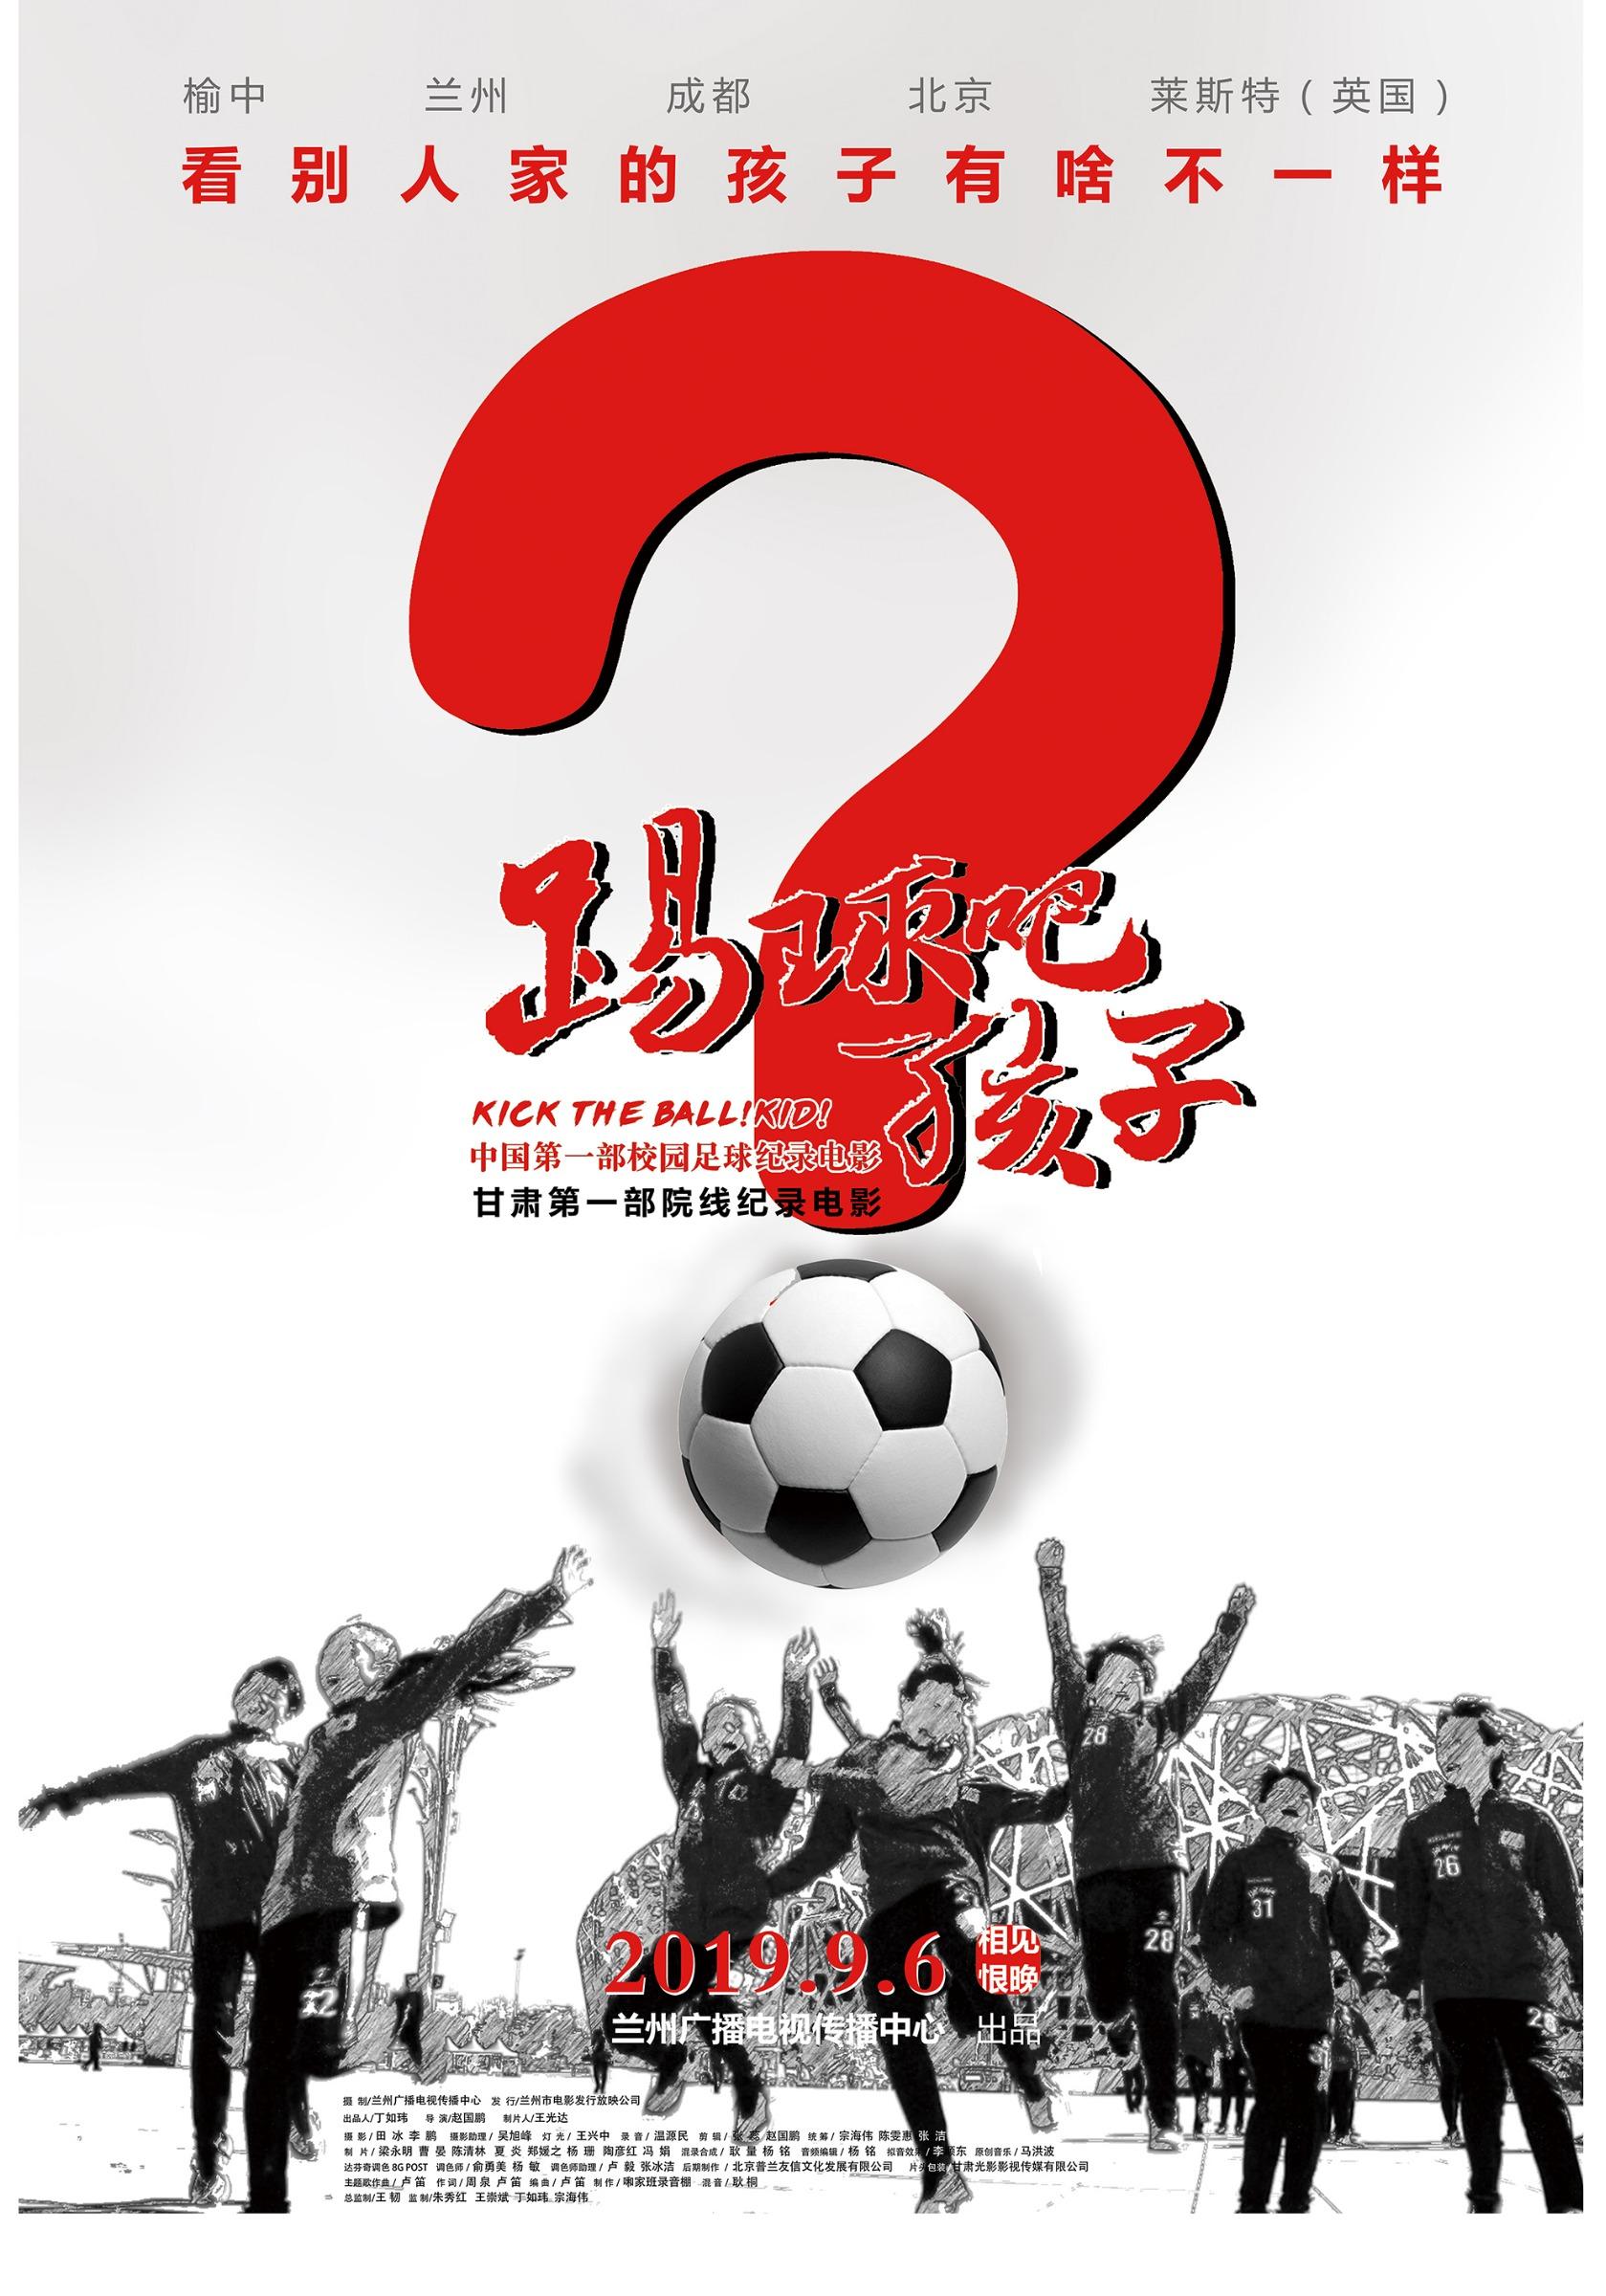 中国首部校园足球纪录电影《踢球吧,孩子》登陆院线